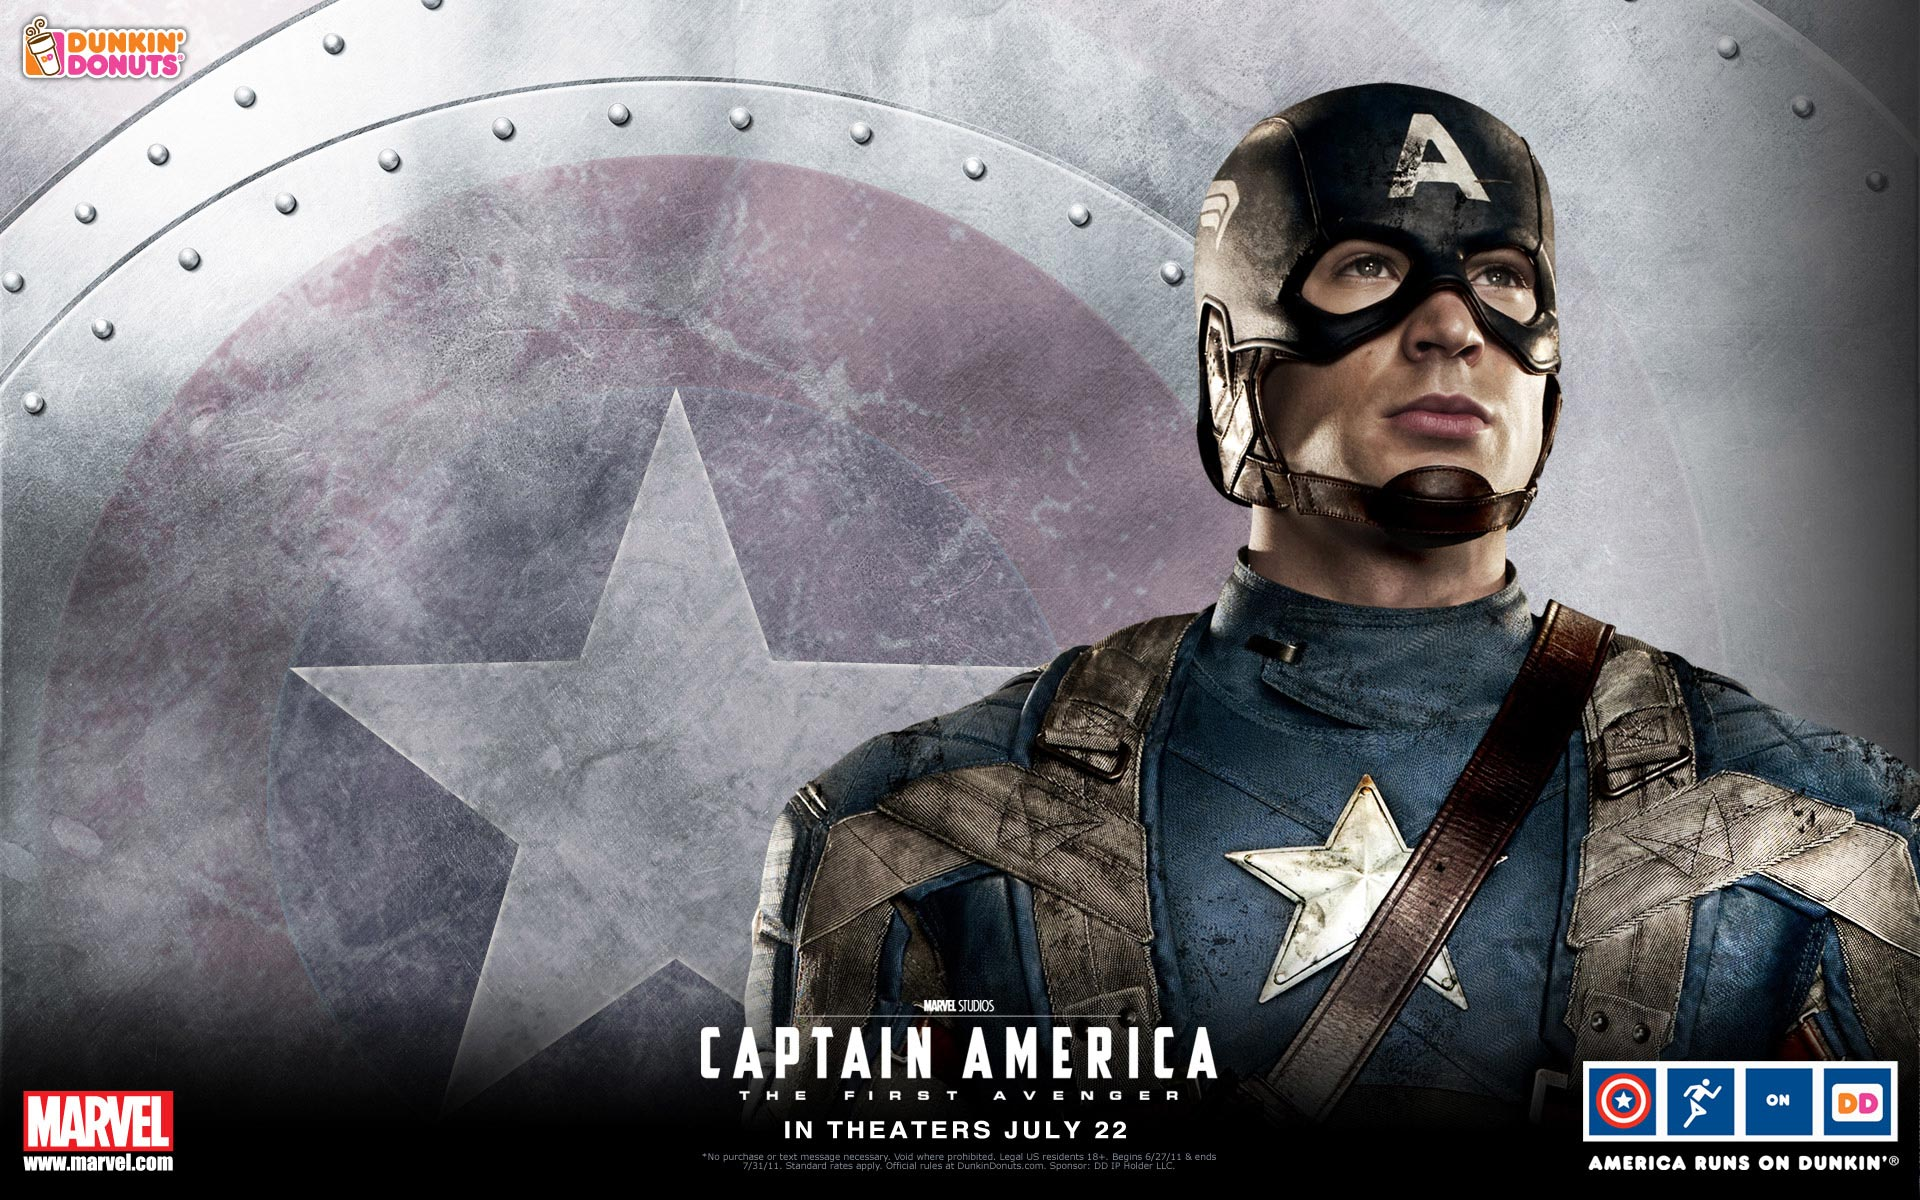 International captain america the first avenger poster for Captain america